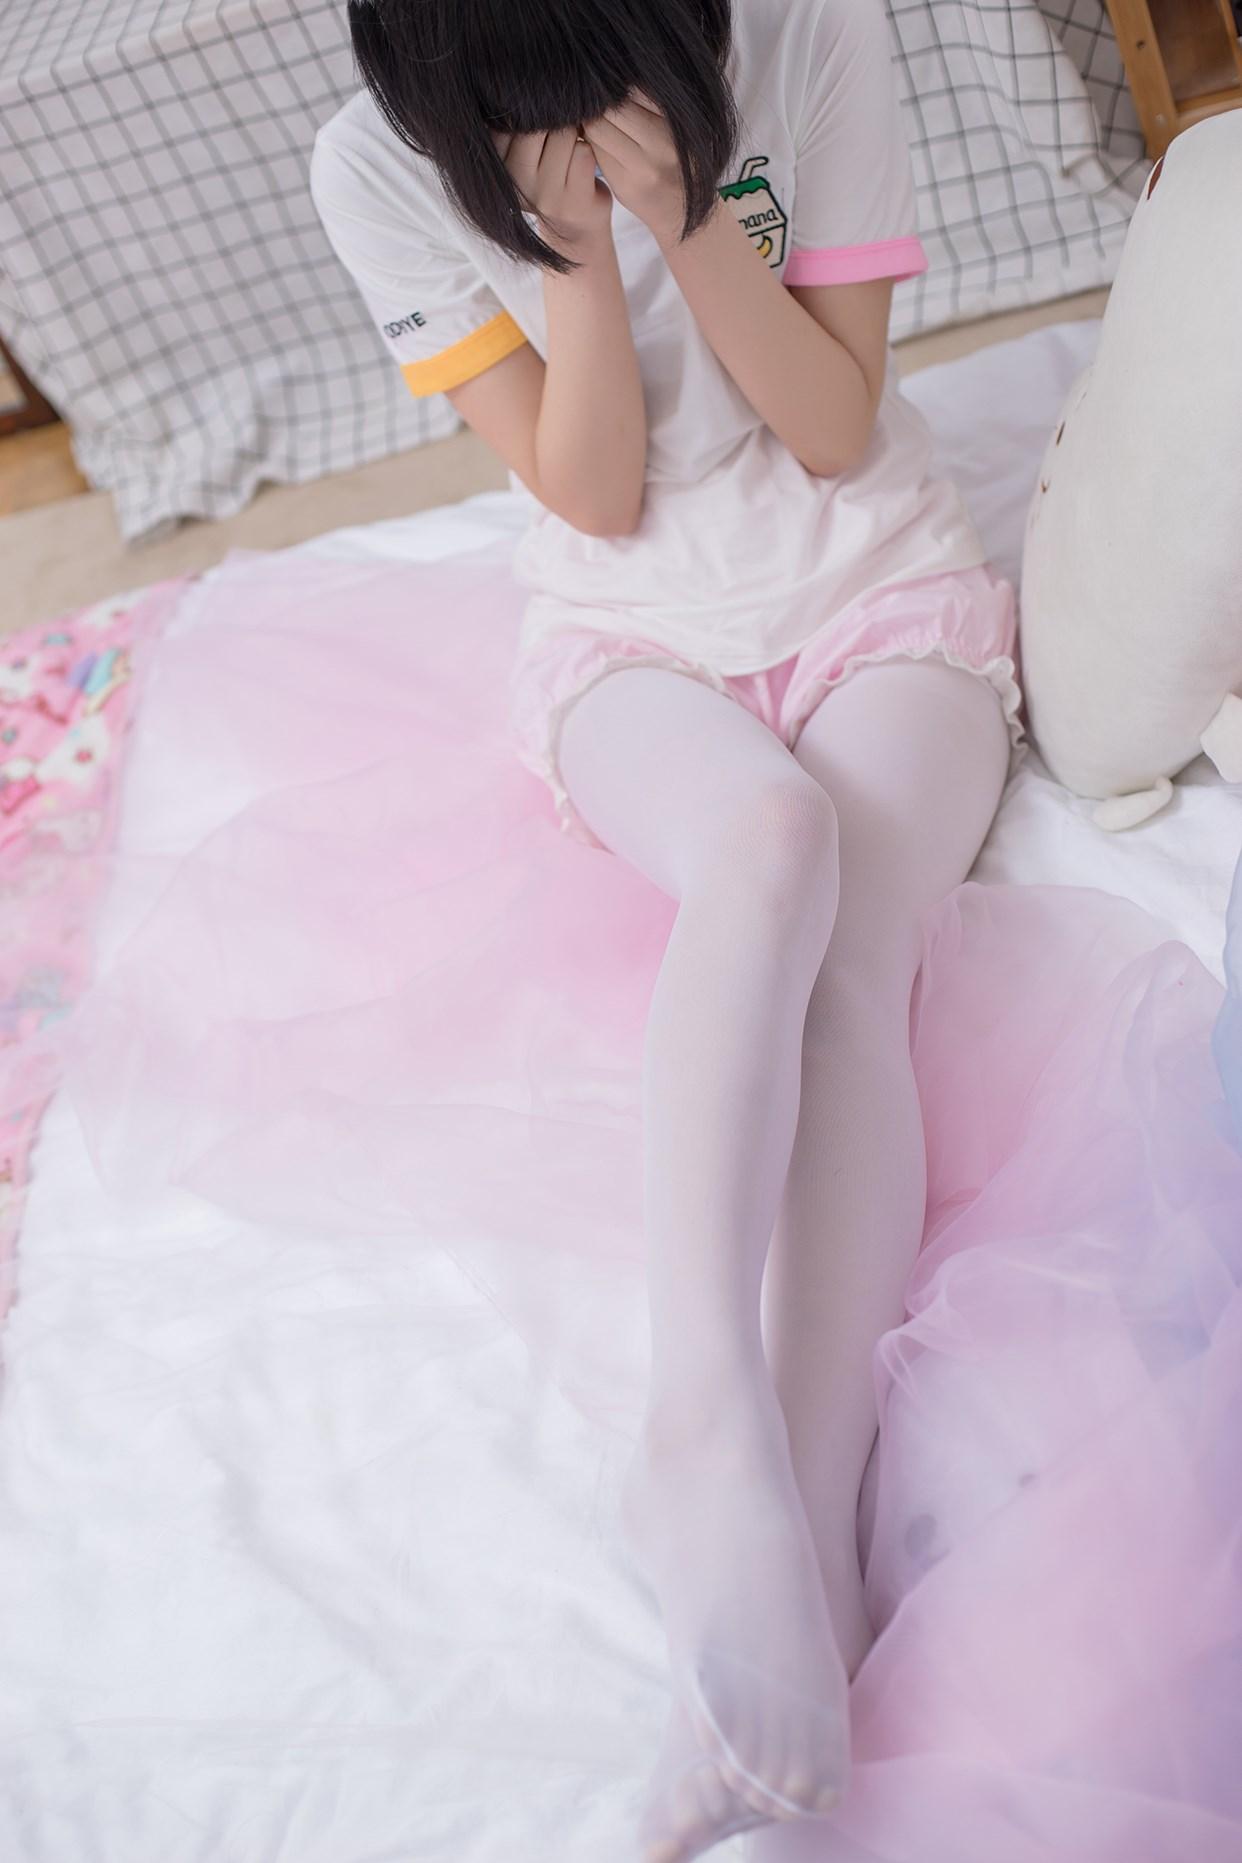 【兔玩映画】少女的卧室 兔玩映画 第44张